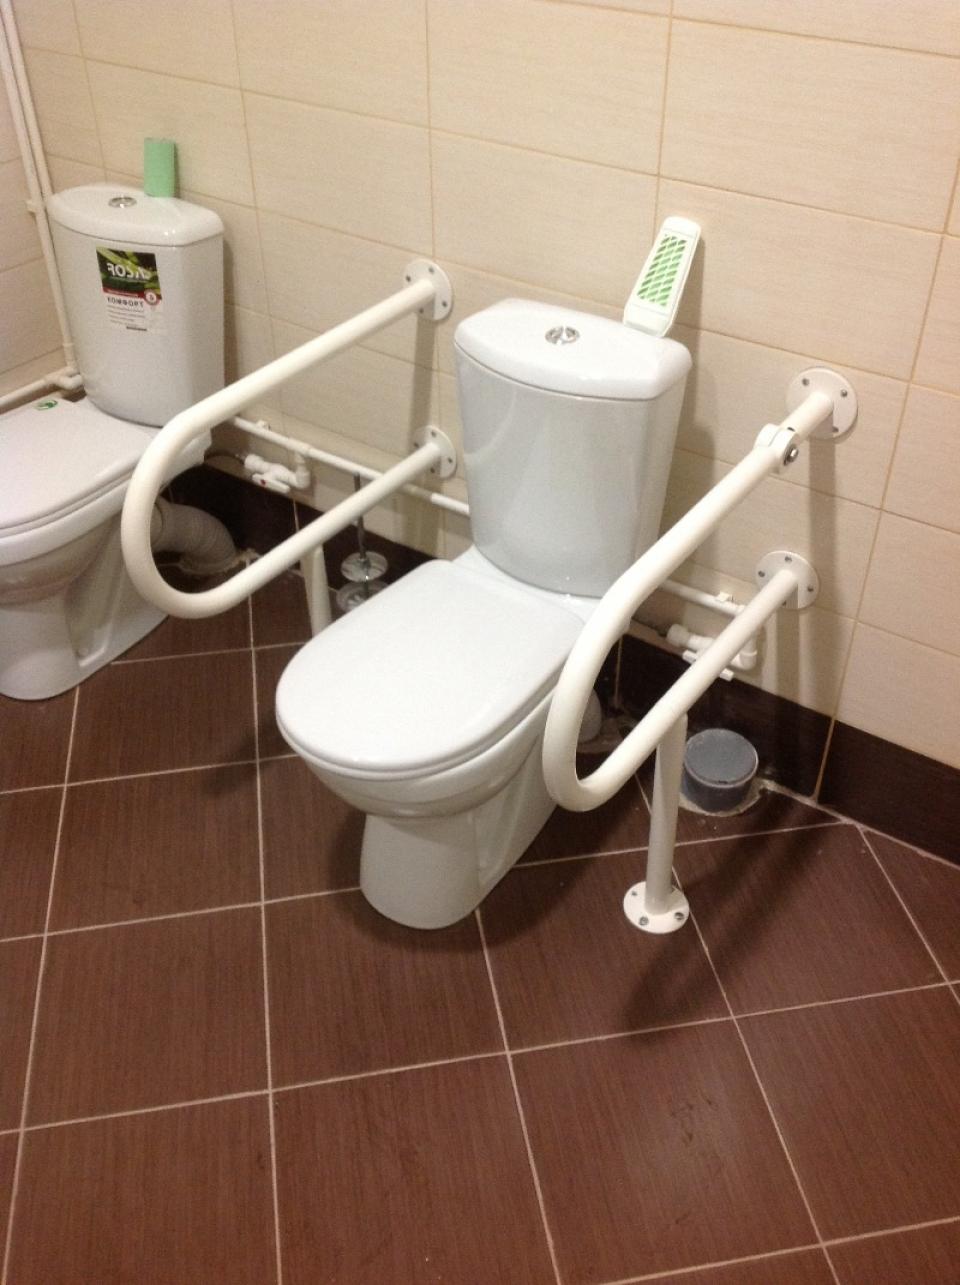 места знакомств для инвалидов челнах